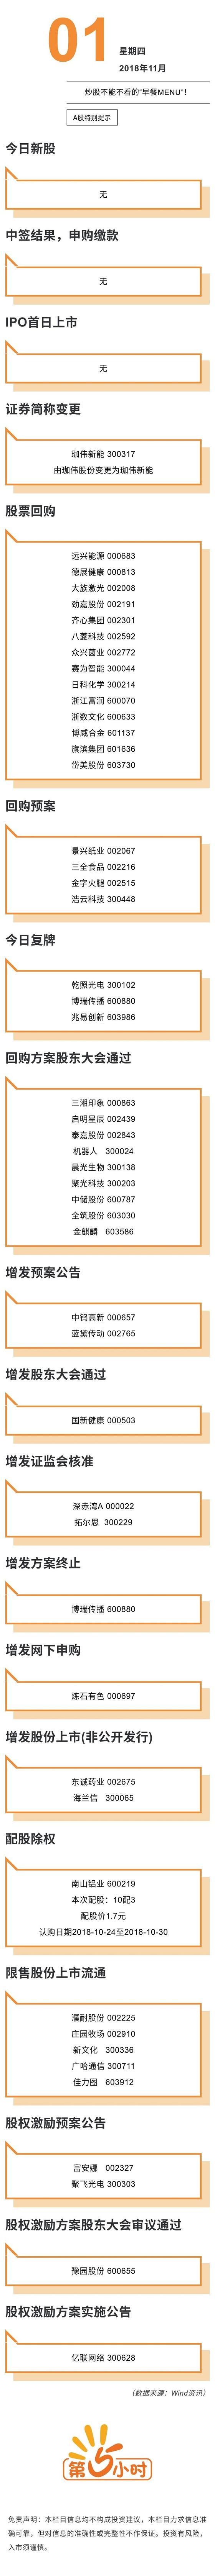 A股特别提示(2018-11-01).jpg